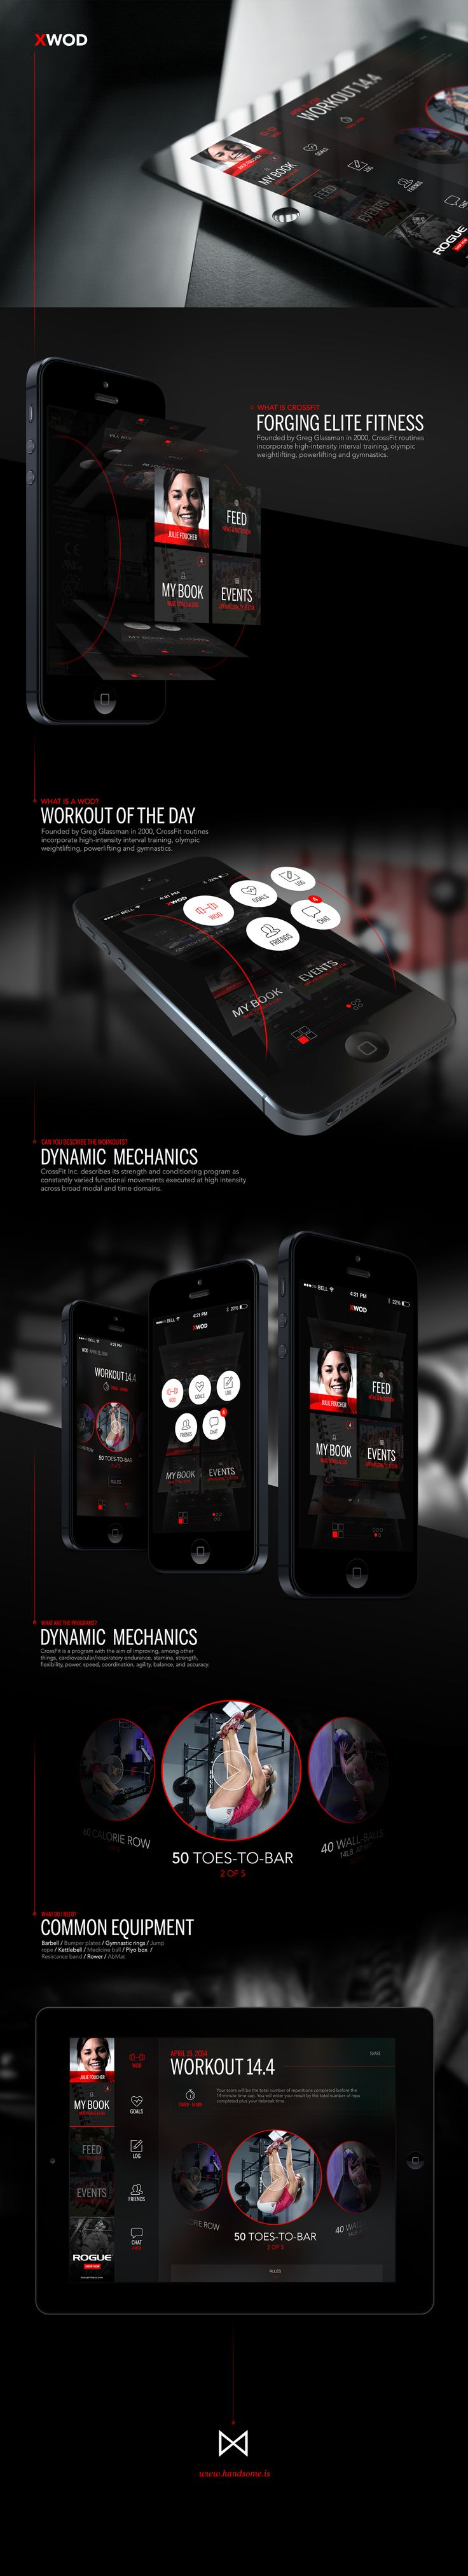 Cool Web Design on the Internet, XWOD. #webdesign #webdevelopment #website @ http://www.pinterest.com/alfredchong/web-design/